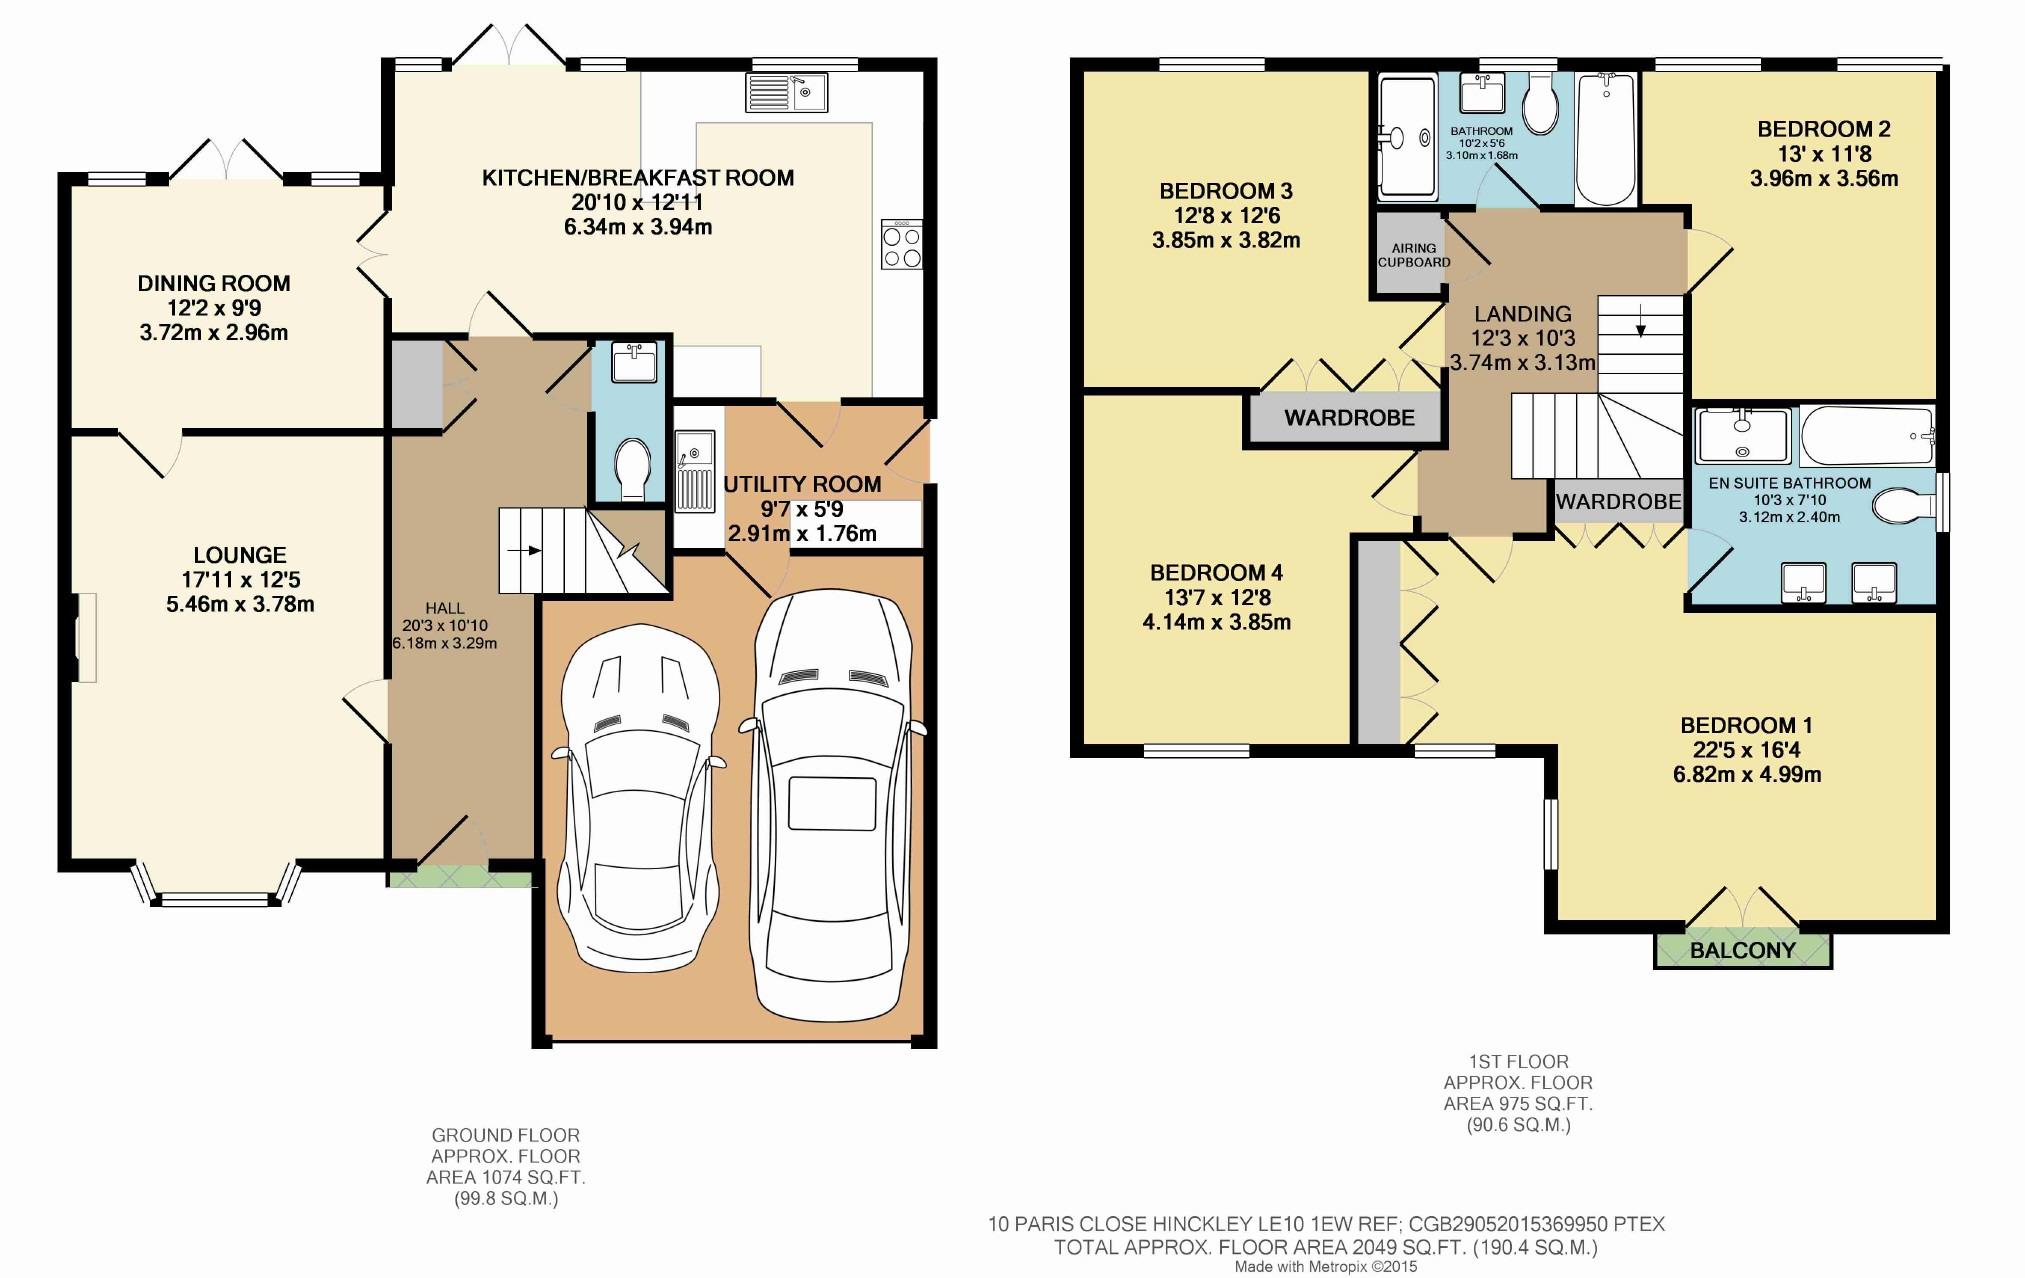 4 bedroom property to let in paris close hinckley £1295 pcm